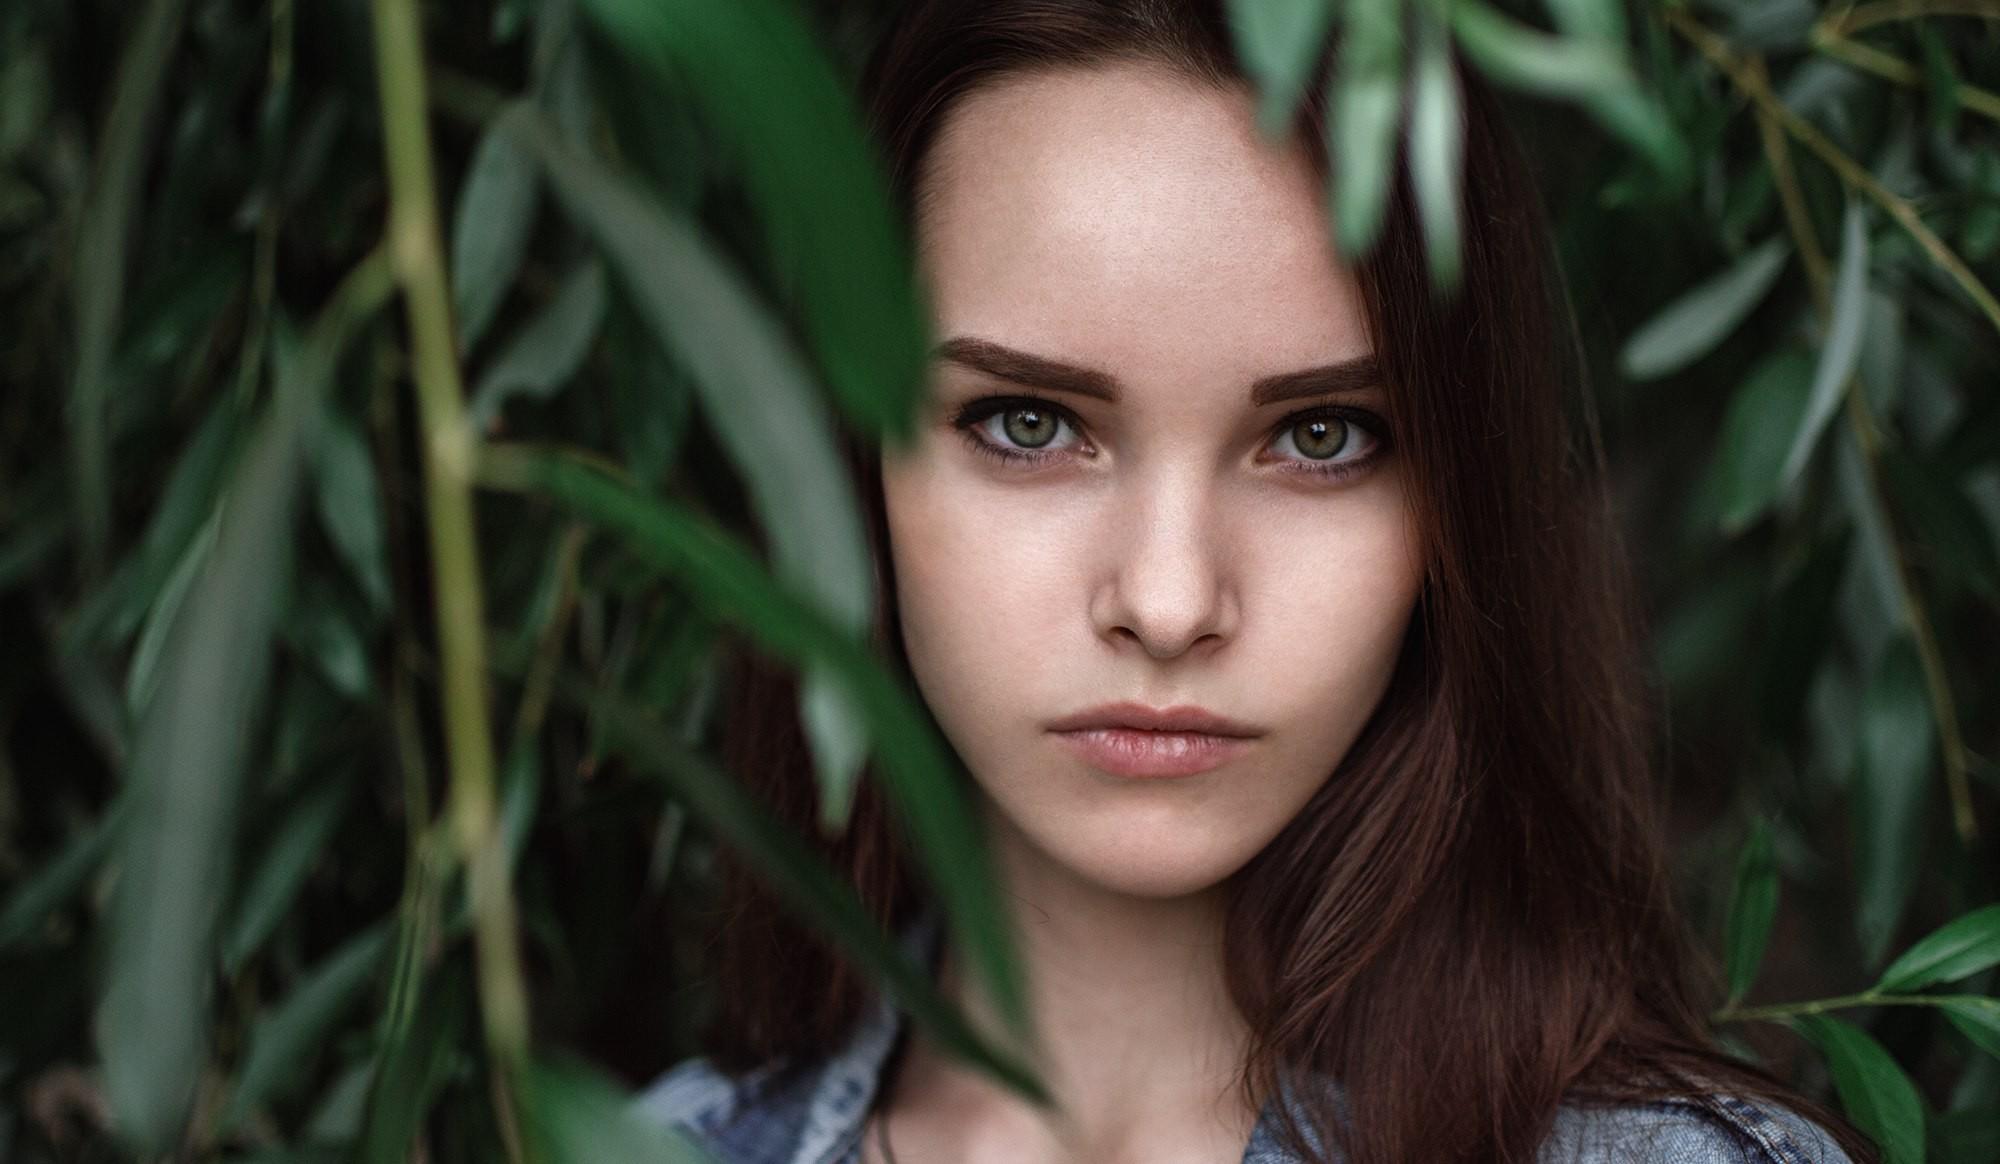 Wallpaper Face Forest Women Depth Of Field Eyes